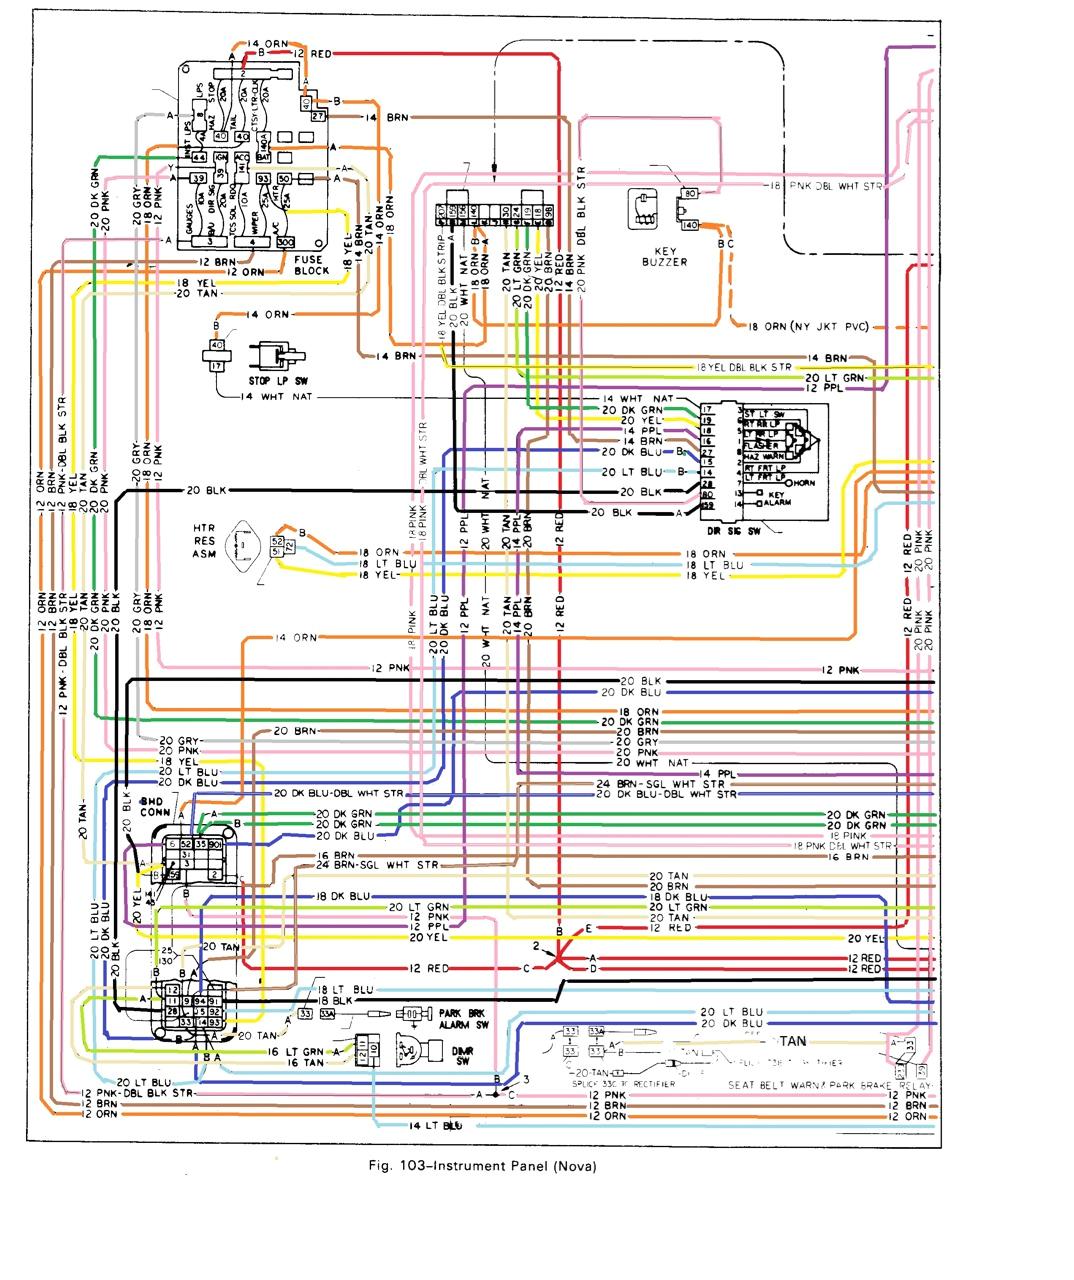 1964 impala ac wiring diagram free download wiring diagram view mix 1965 impala ac wiring diagram